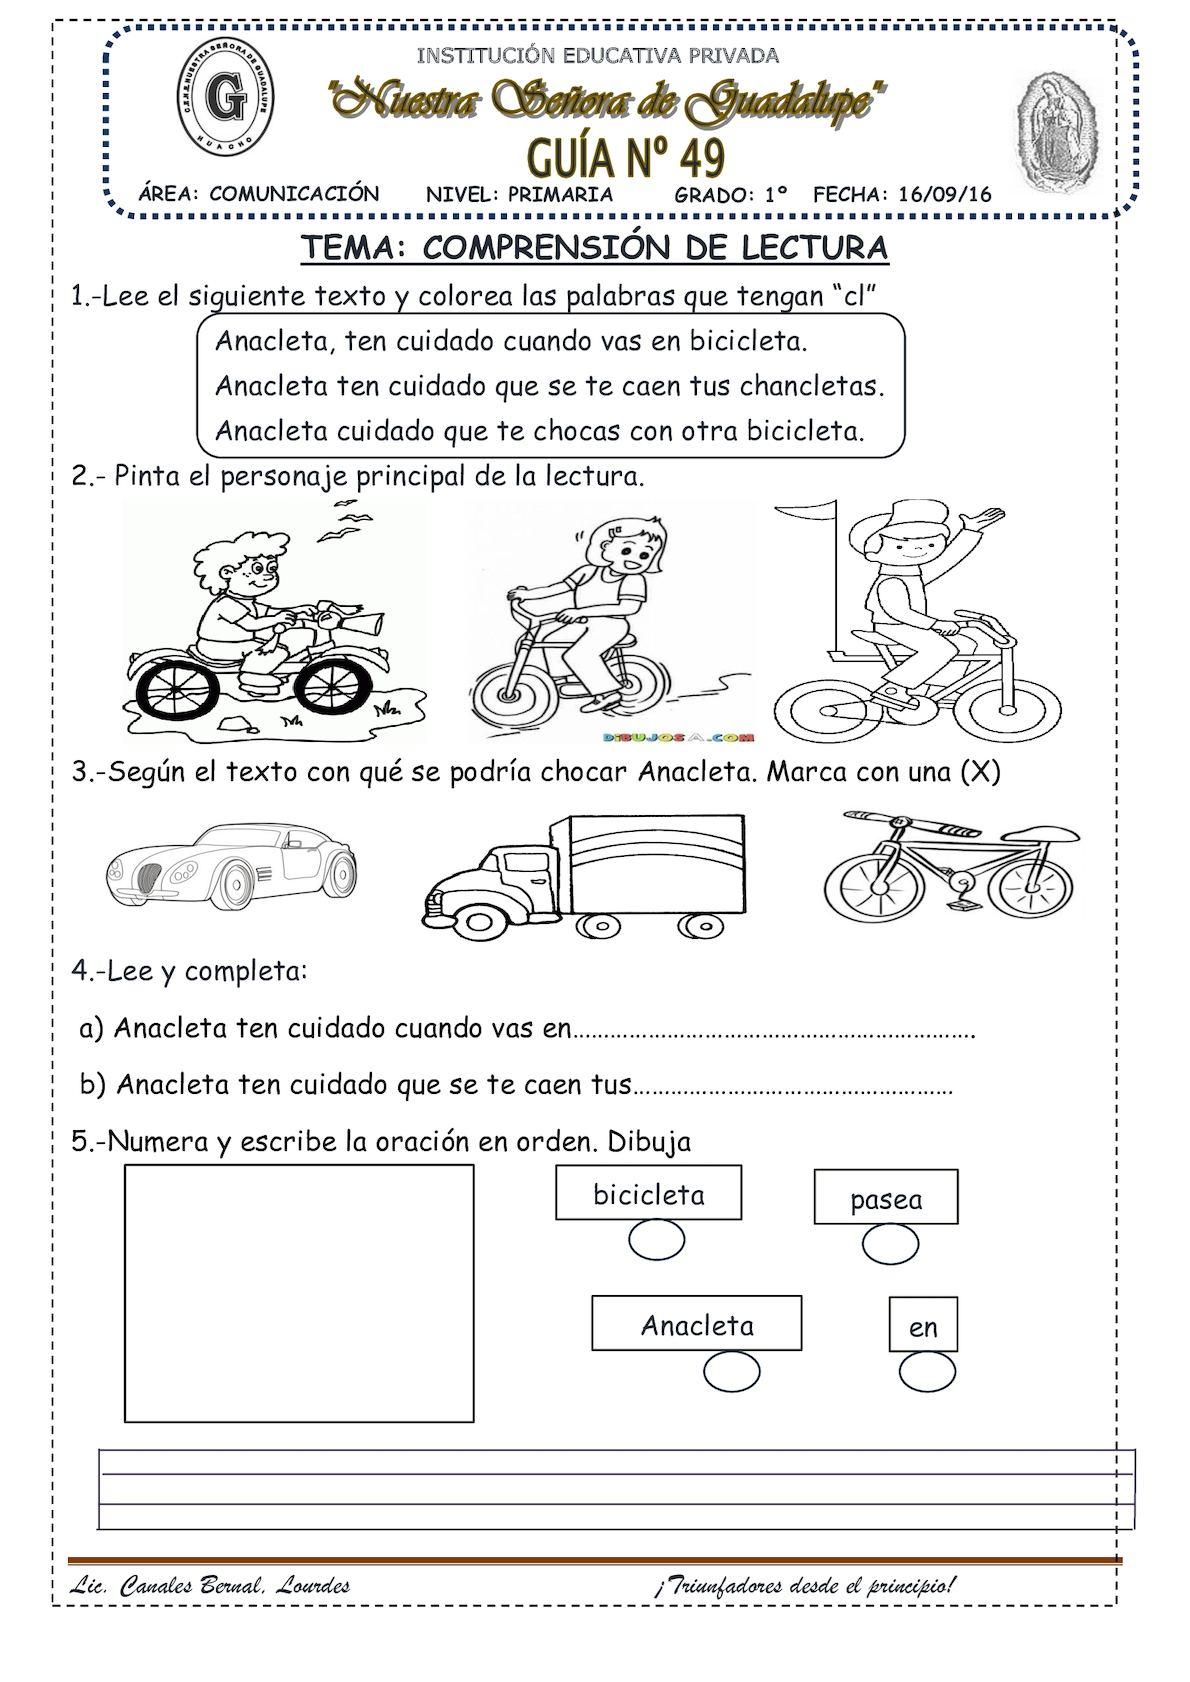 Comprensión De Lectura Cla Cle Cli Clo Clu